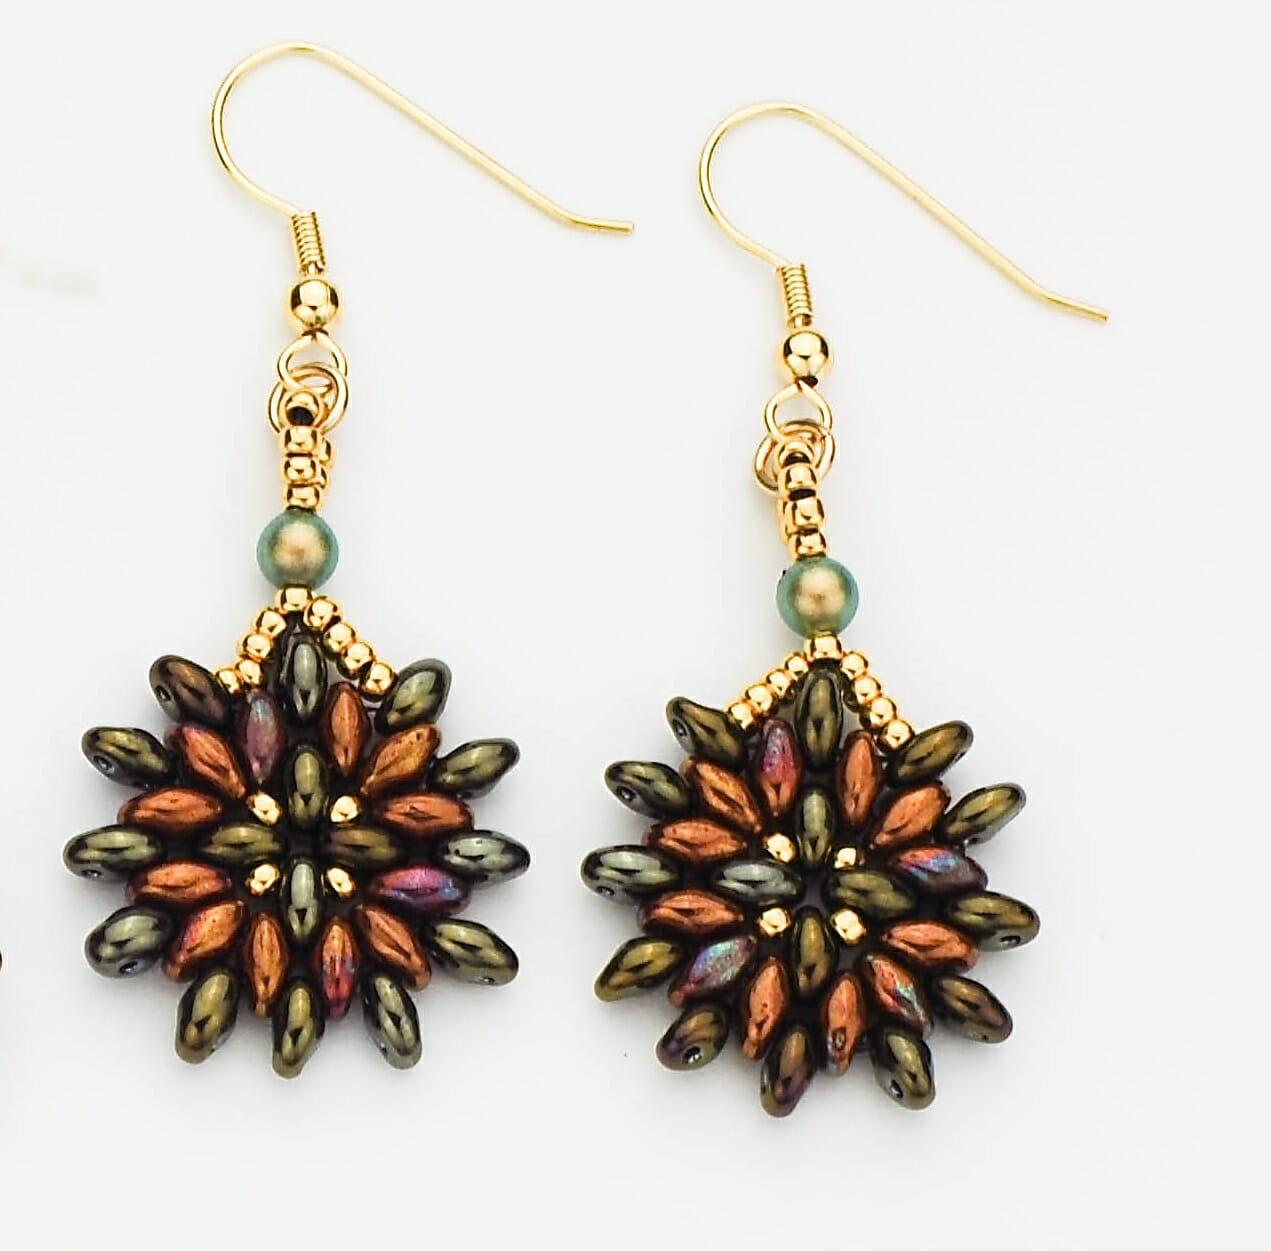 Spanish Oyster Earrings